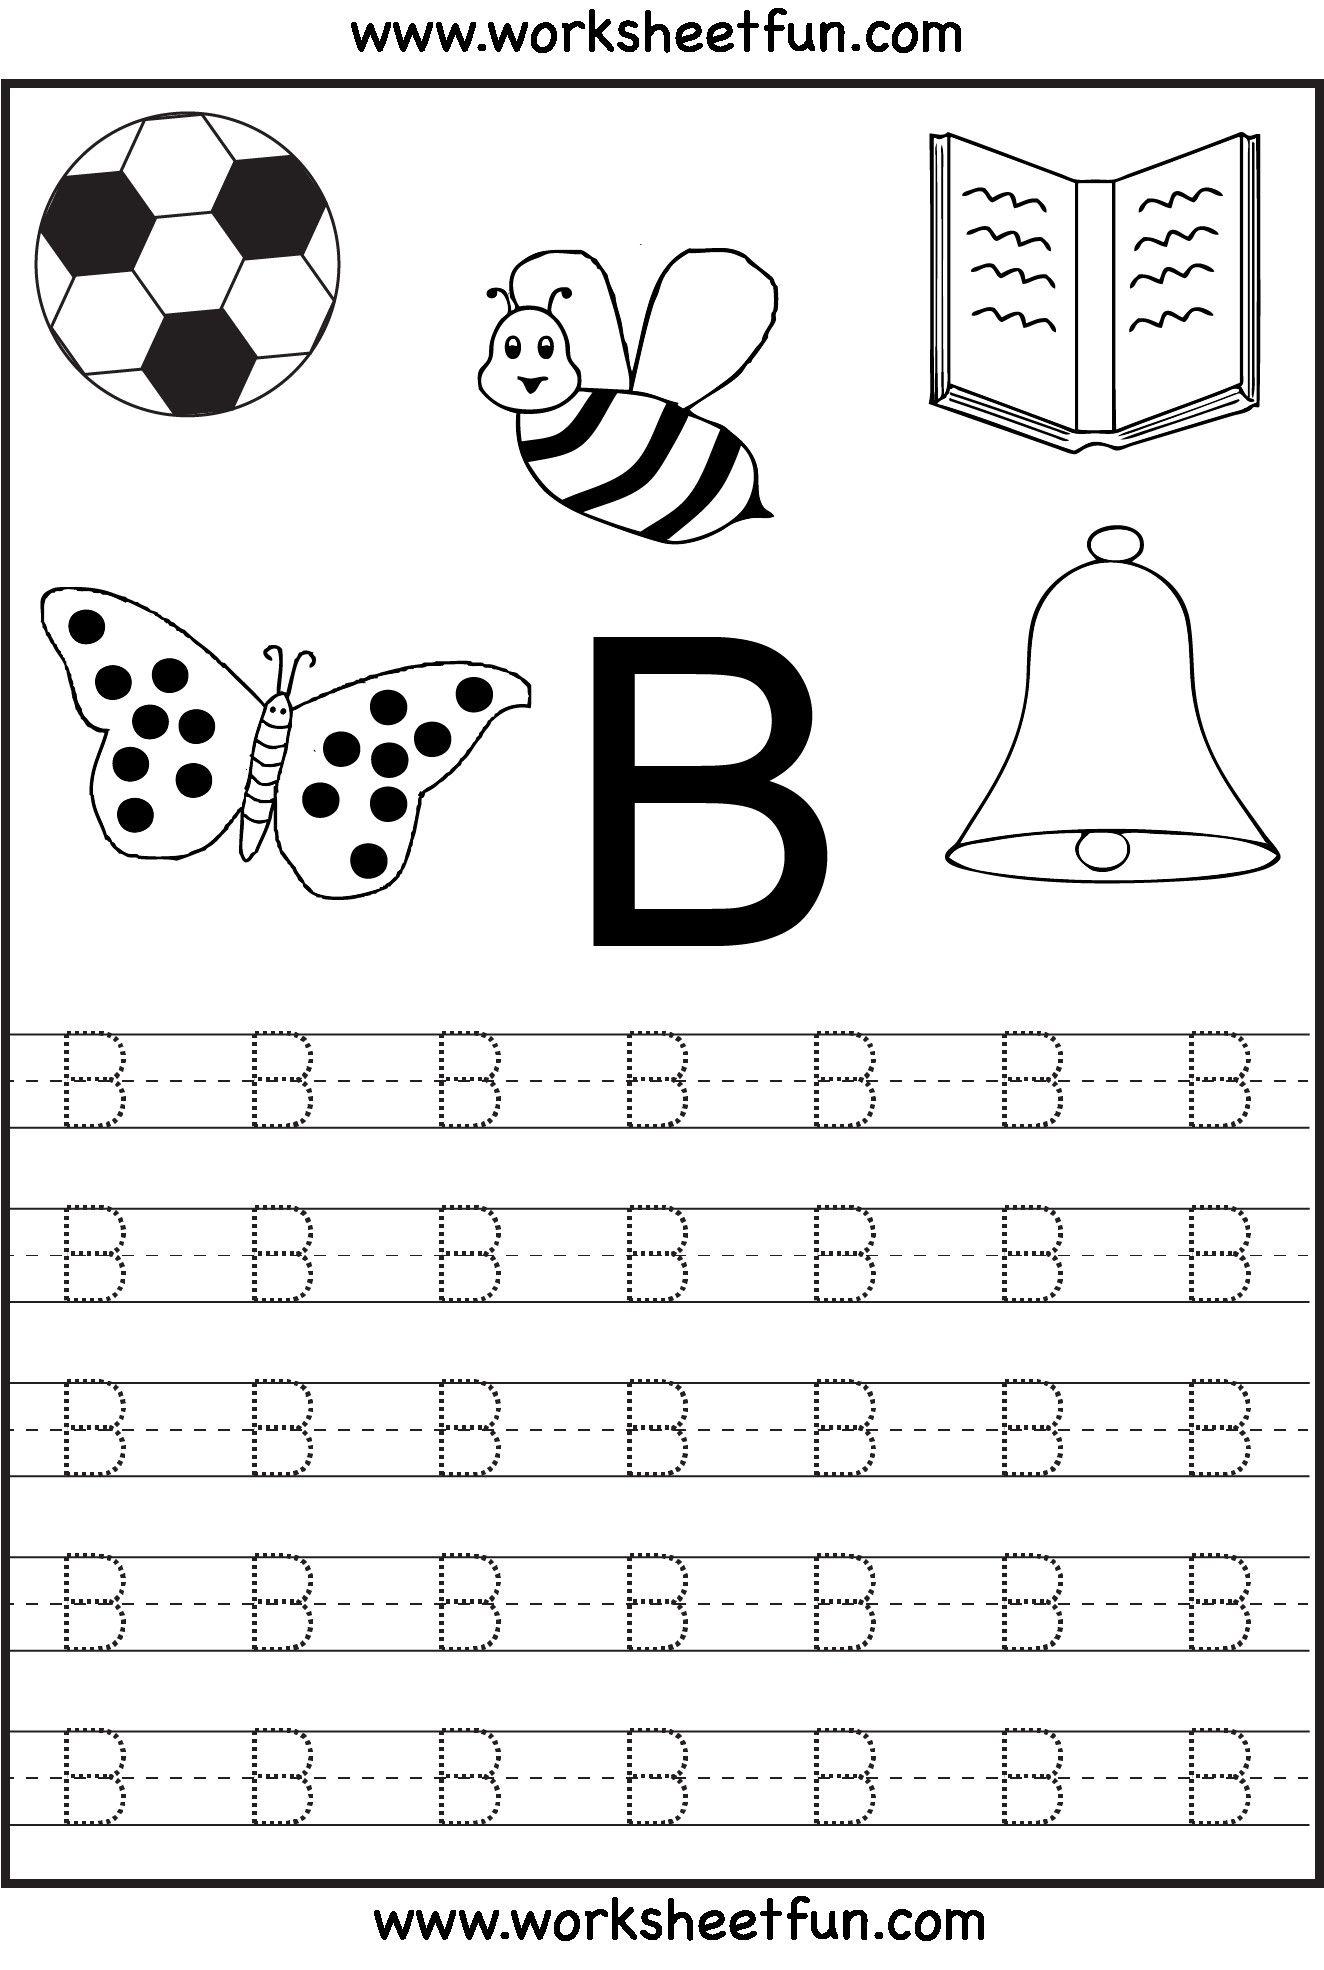 3 Free Printable Letters Worksheet Free Printable Letter Tracing Worksheets For K Alphabet Worksheets Preschool Alphabet Tracing Worksheets Learning Worksheets [ 1970 x 1324 Pixel ]